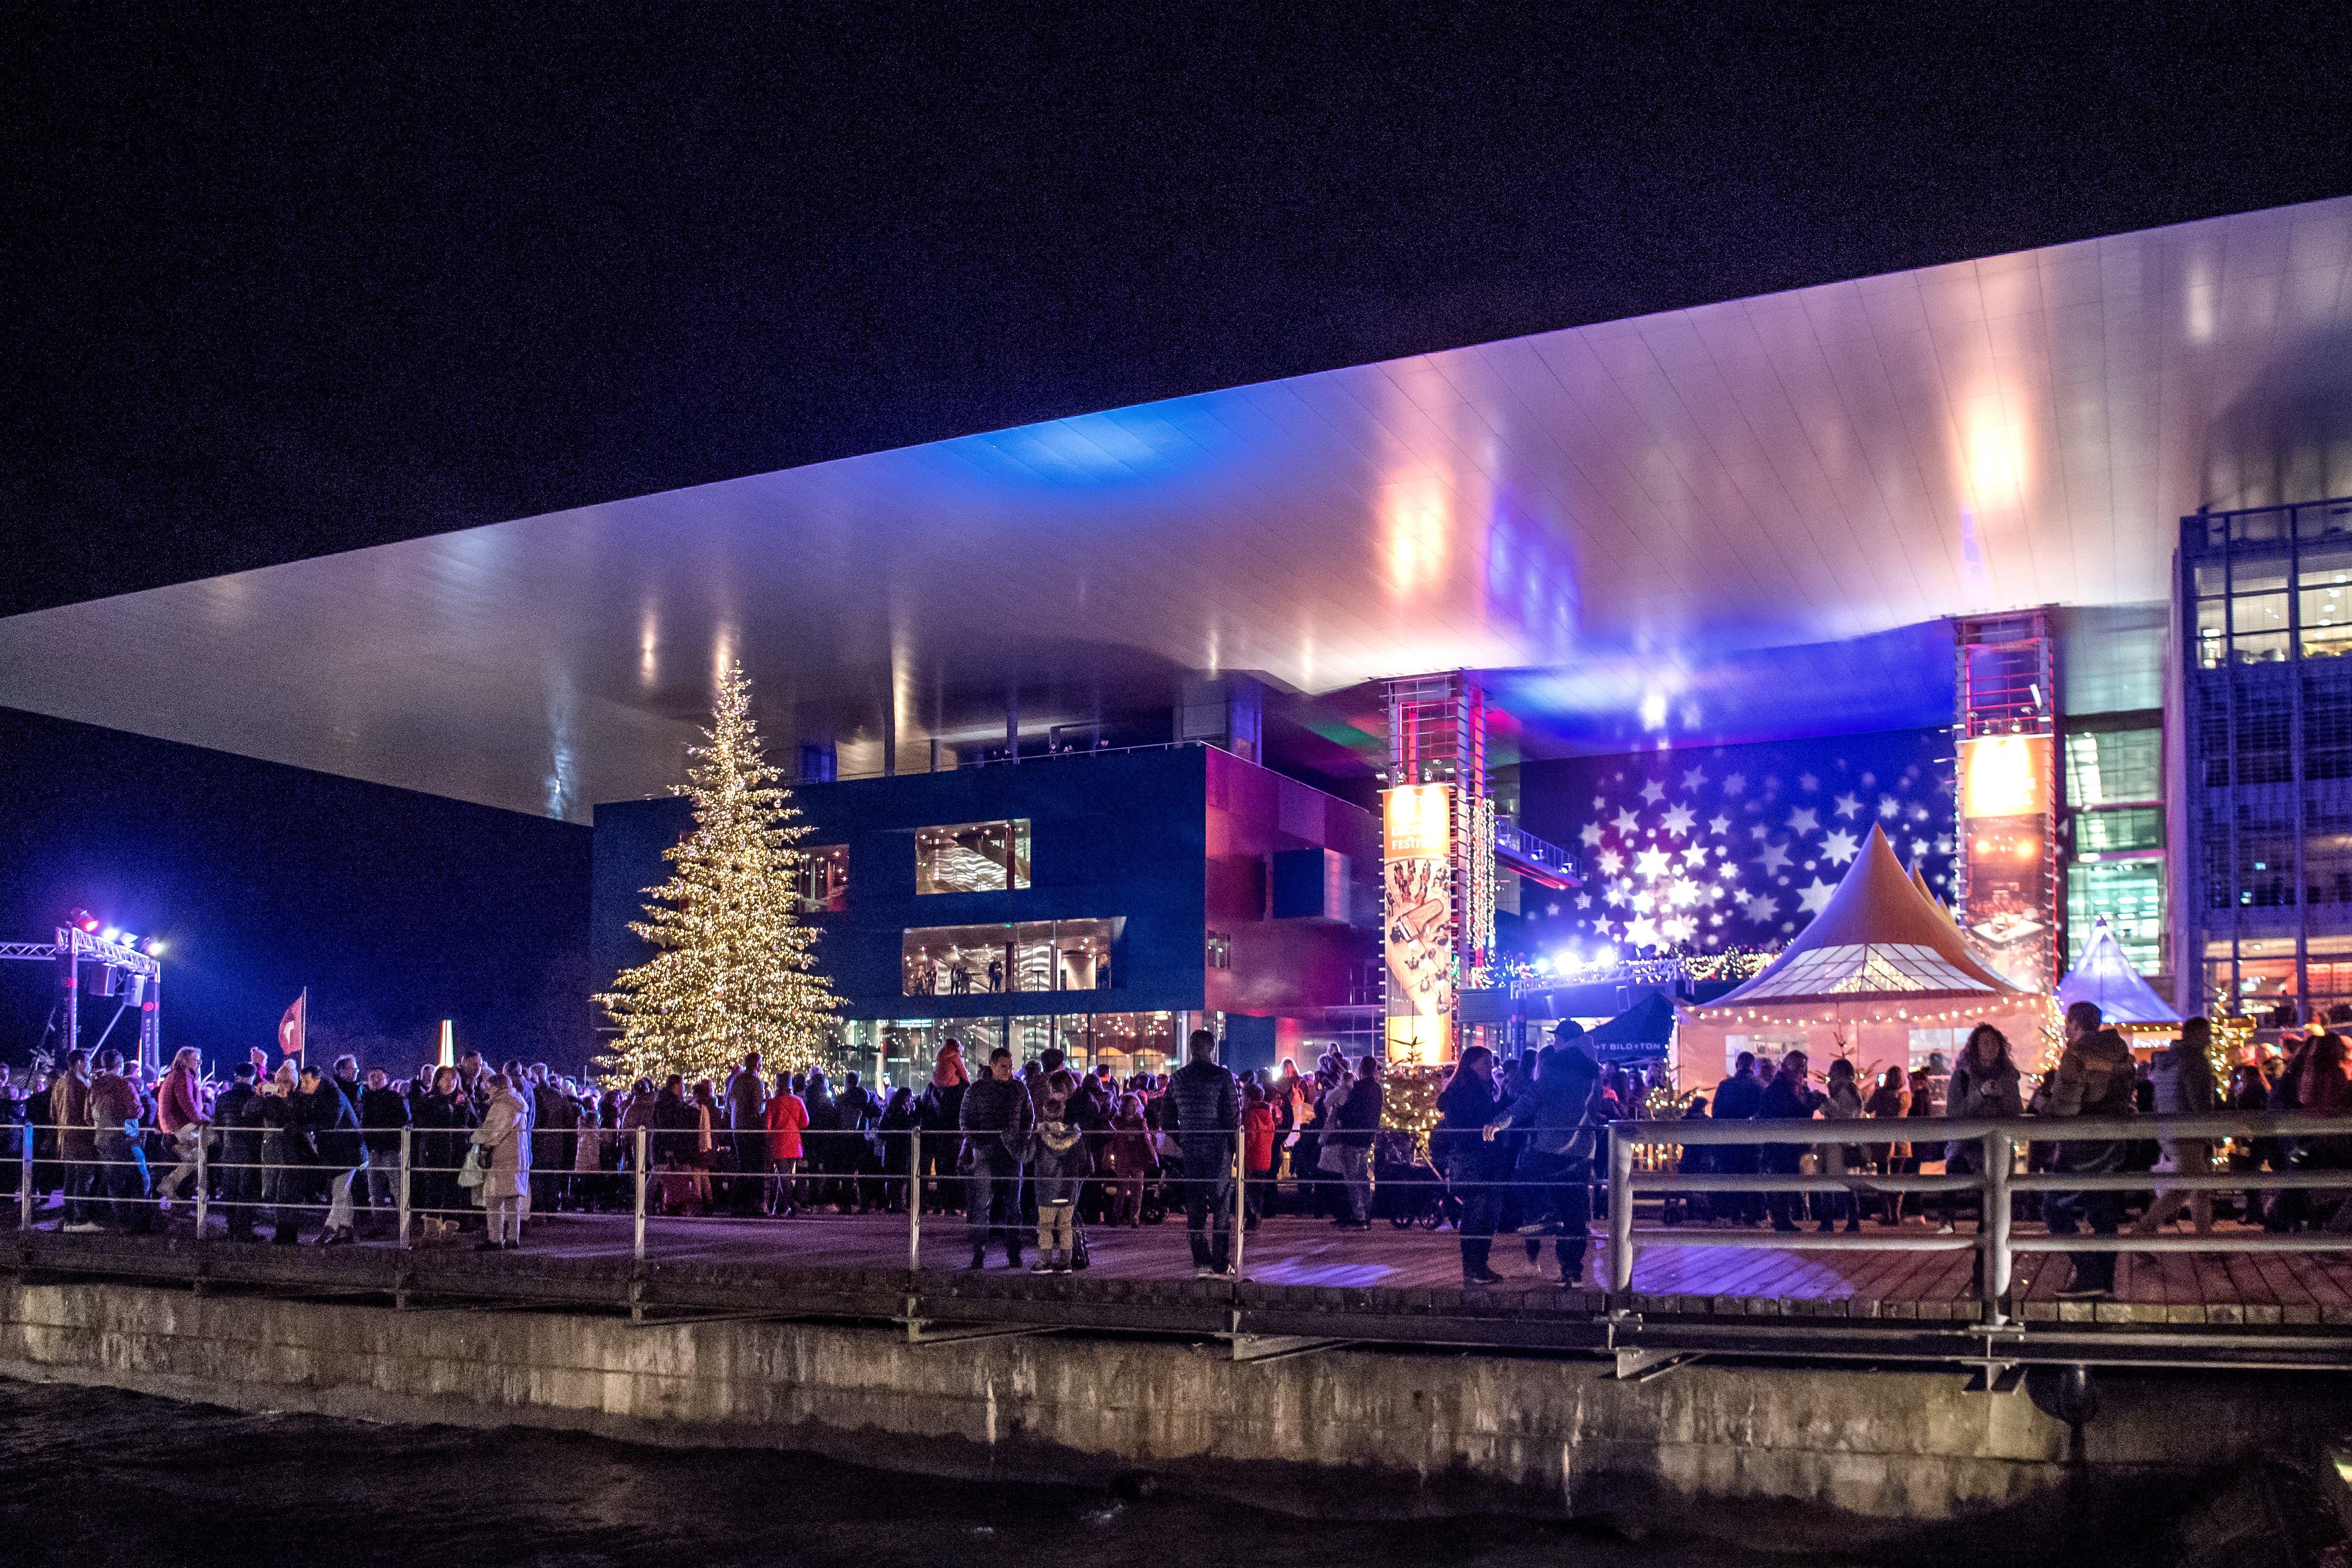 Blick auf den Eröffnungsevent beim Europaplatz vor dem KKL anlässlich des Starts der Weihnachtsbeleuchtung in der Stadt Luzern. (Bild: Pius Amrein, Luzern, 23. November 2019)